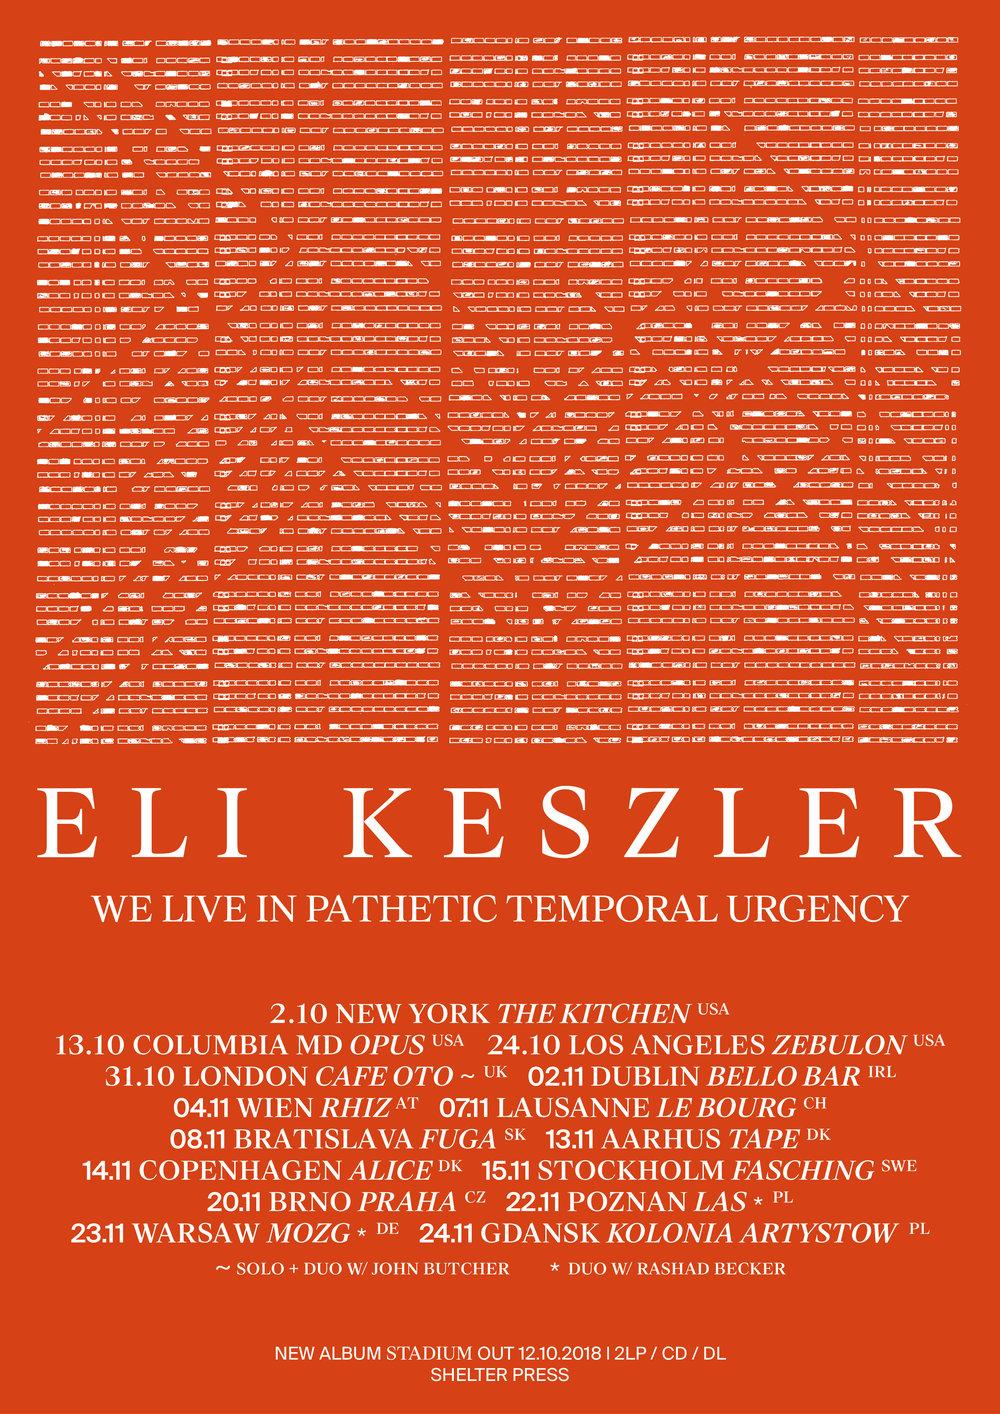 Eli Keszler tour flyer